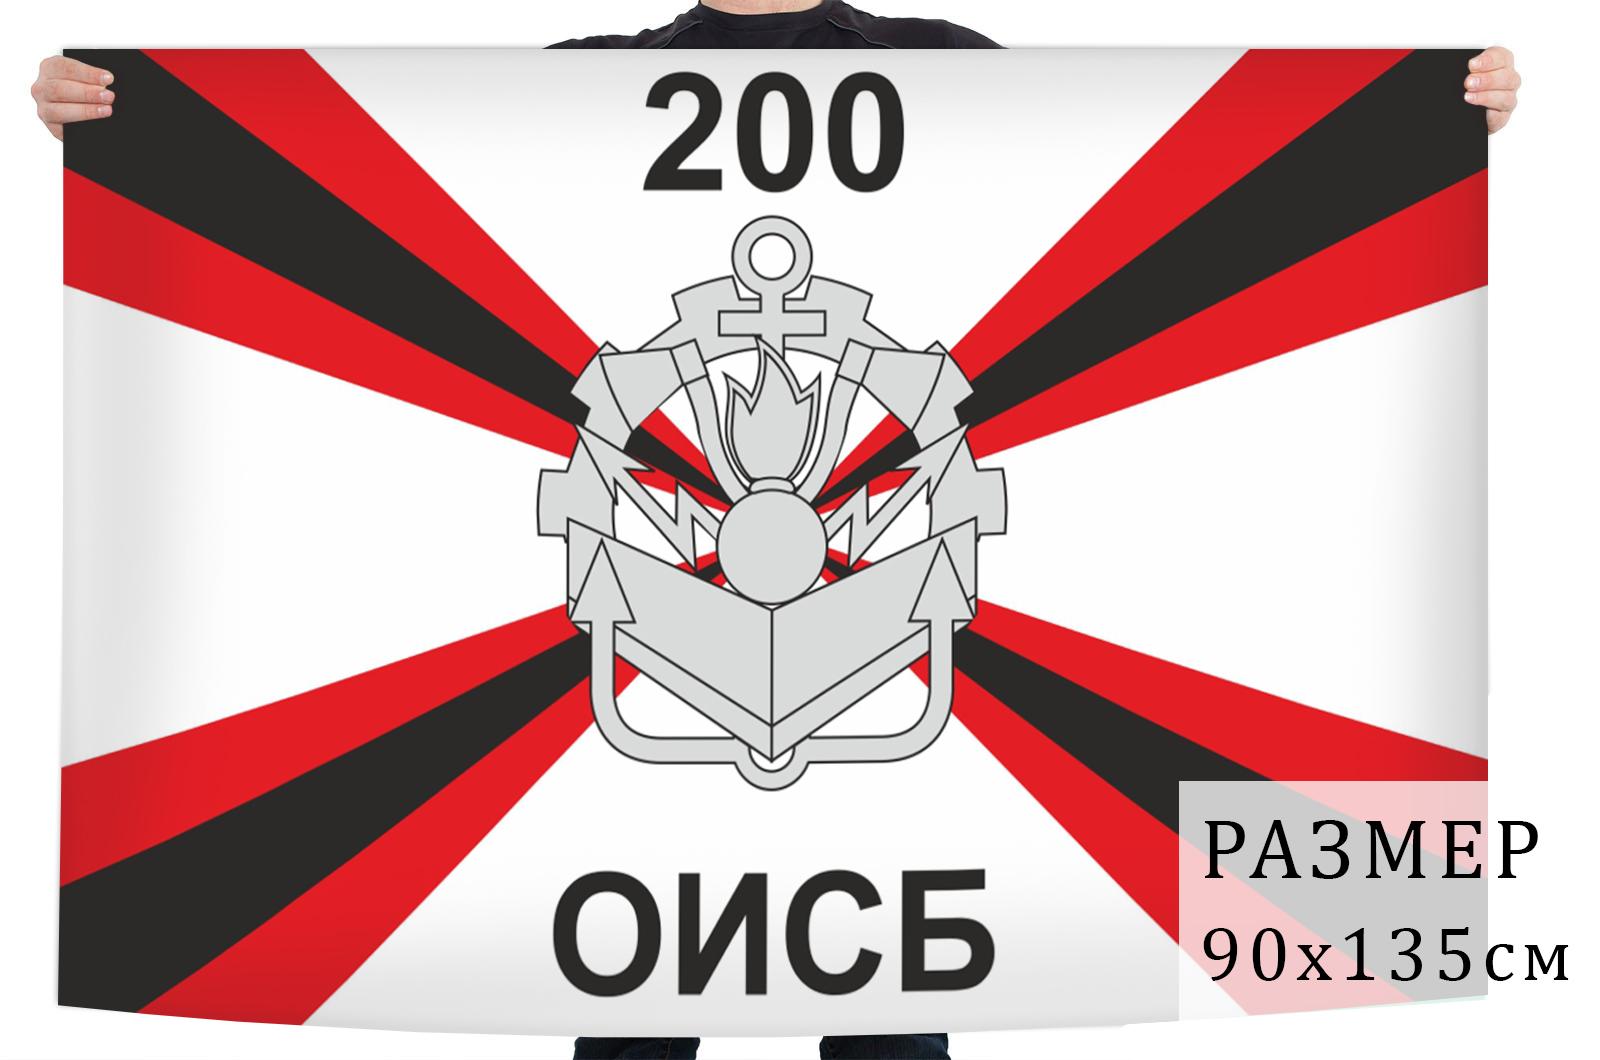 Двухсторонний Флаг Инженерные войска 200 ОИСБ